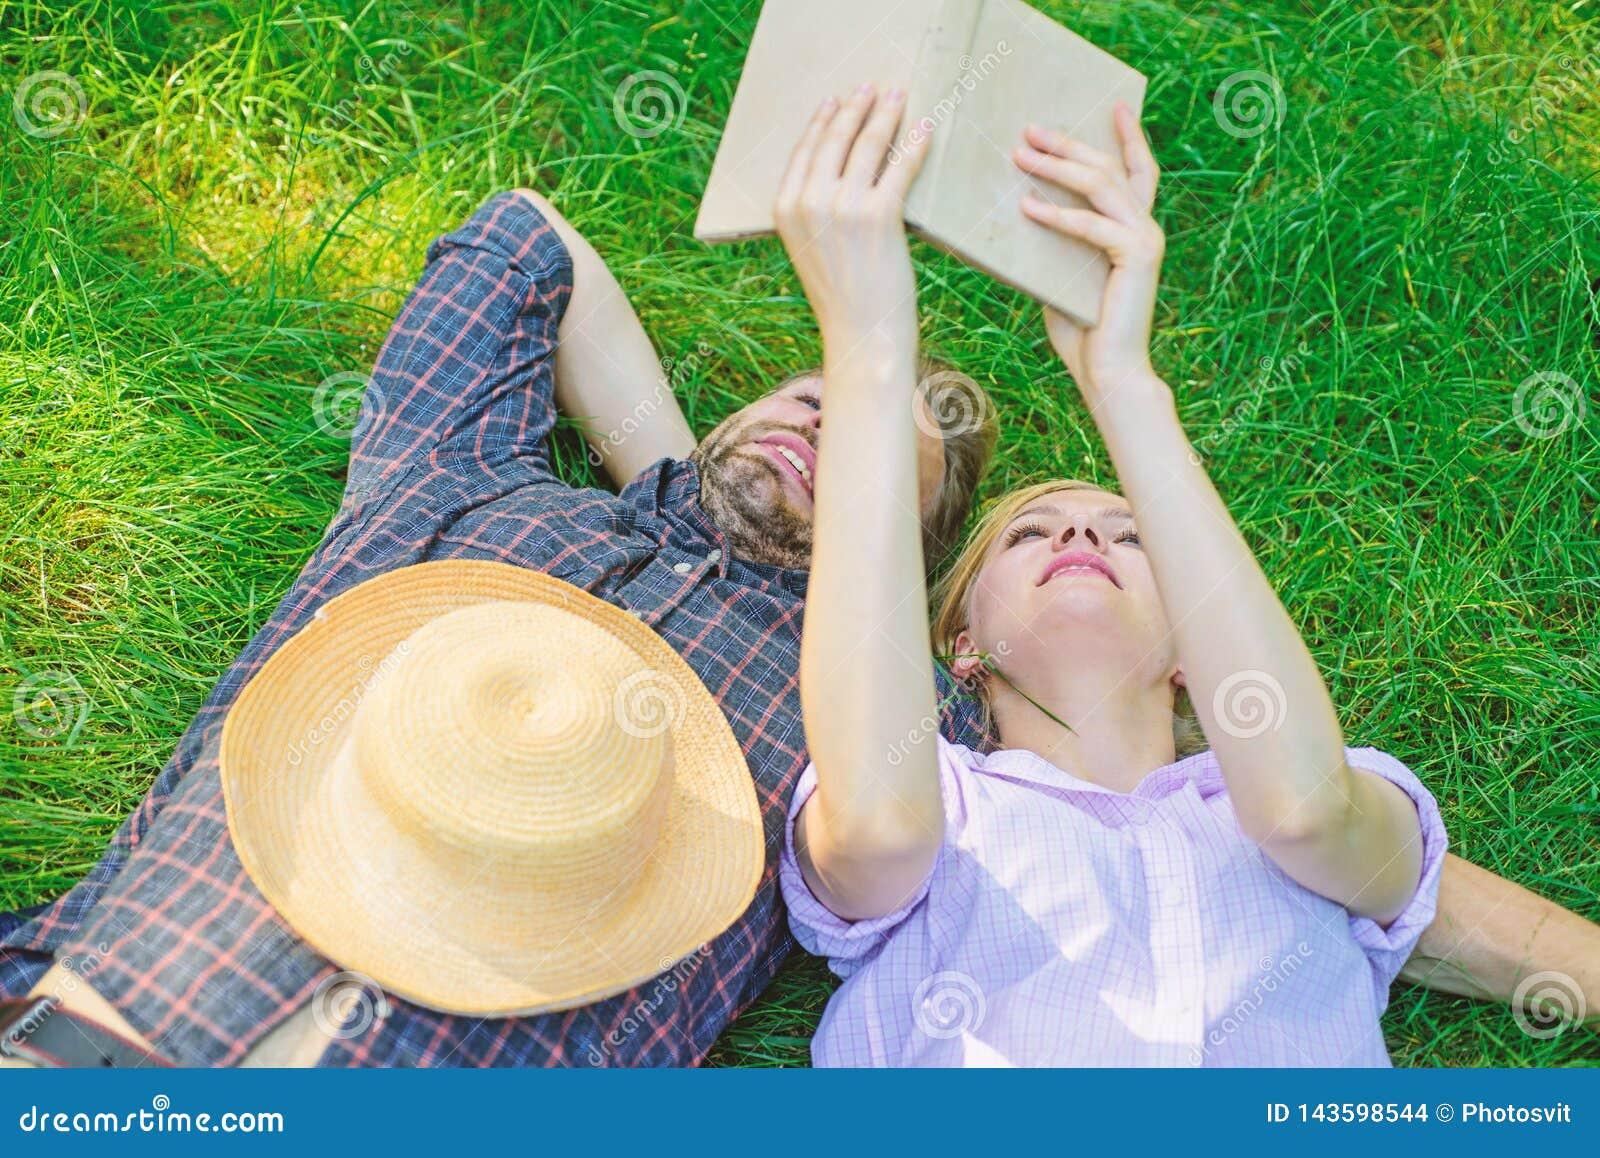 人和女孩在获得的草放置乐趣 在爱的夫妇花费休闲阅读书 夫妇知己在浪漫日期